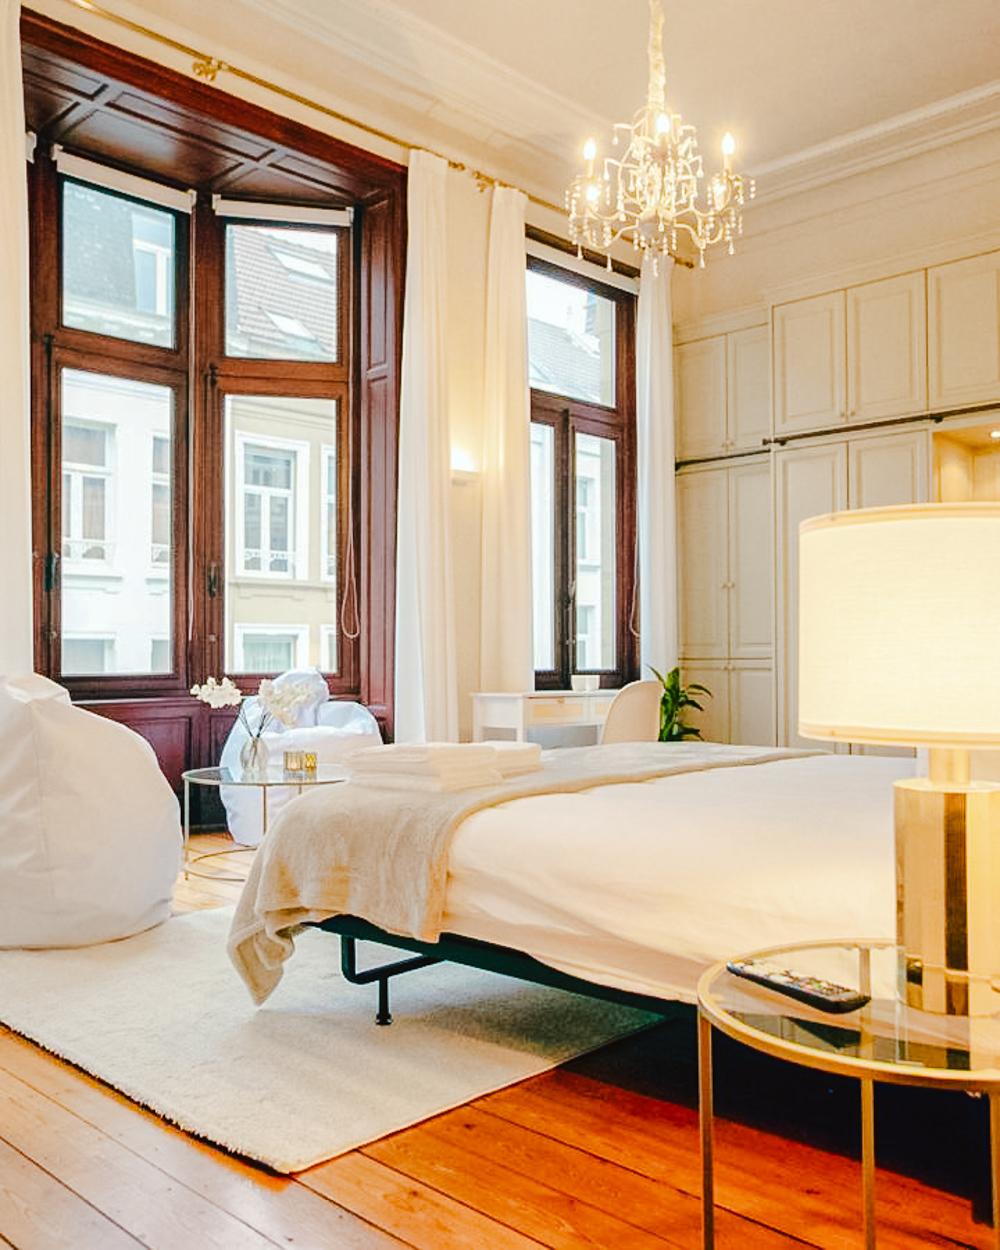 Antwerpen Bed & Breakfast ADA